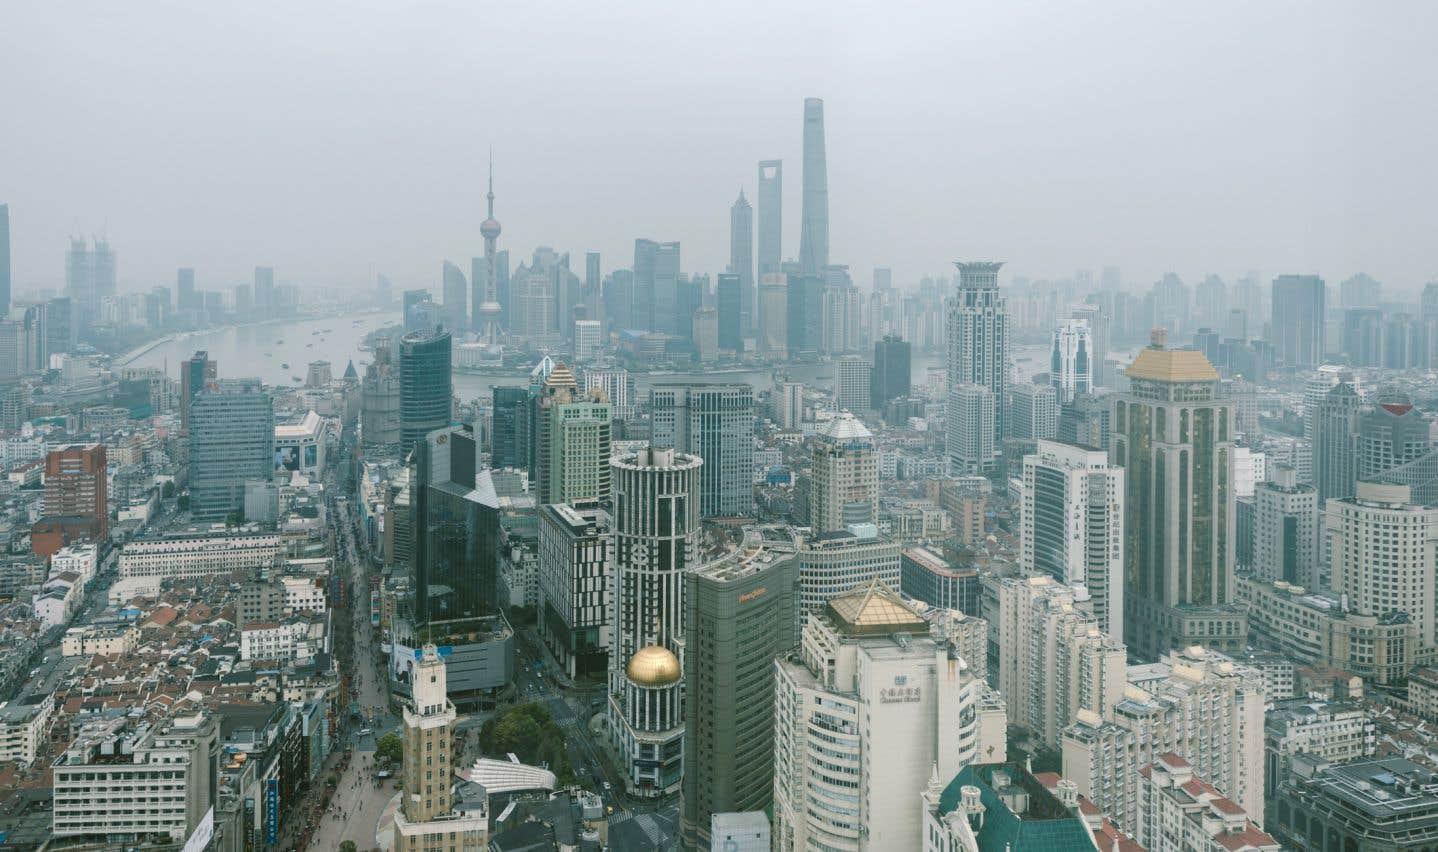 Aux prises avec de graves problèmes de pollution, la Chine tente de réduire de 18% l'intensité carbone de son PIB de 2016 à 2020, et espère pouvoir plafonner ses émissions en 2030.